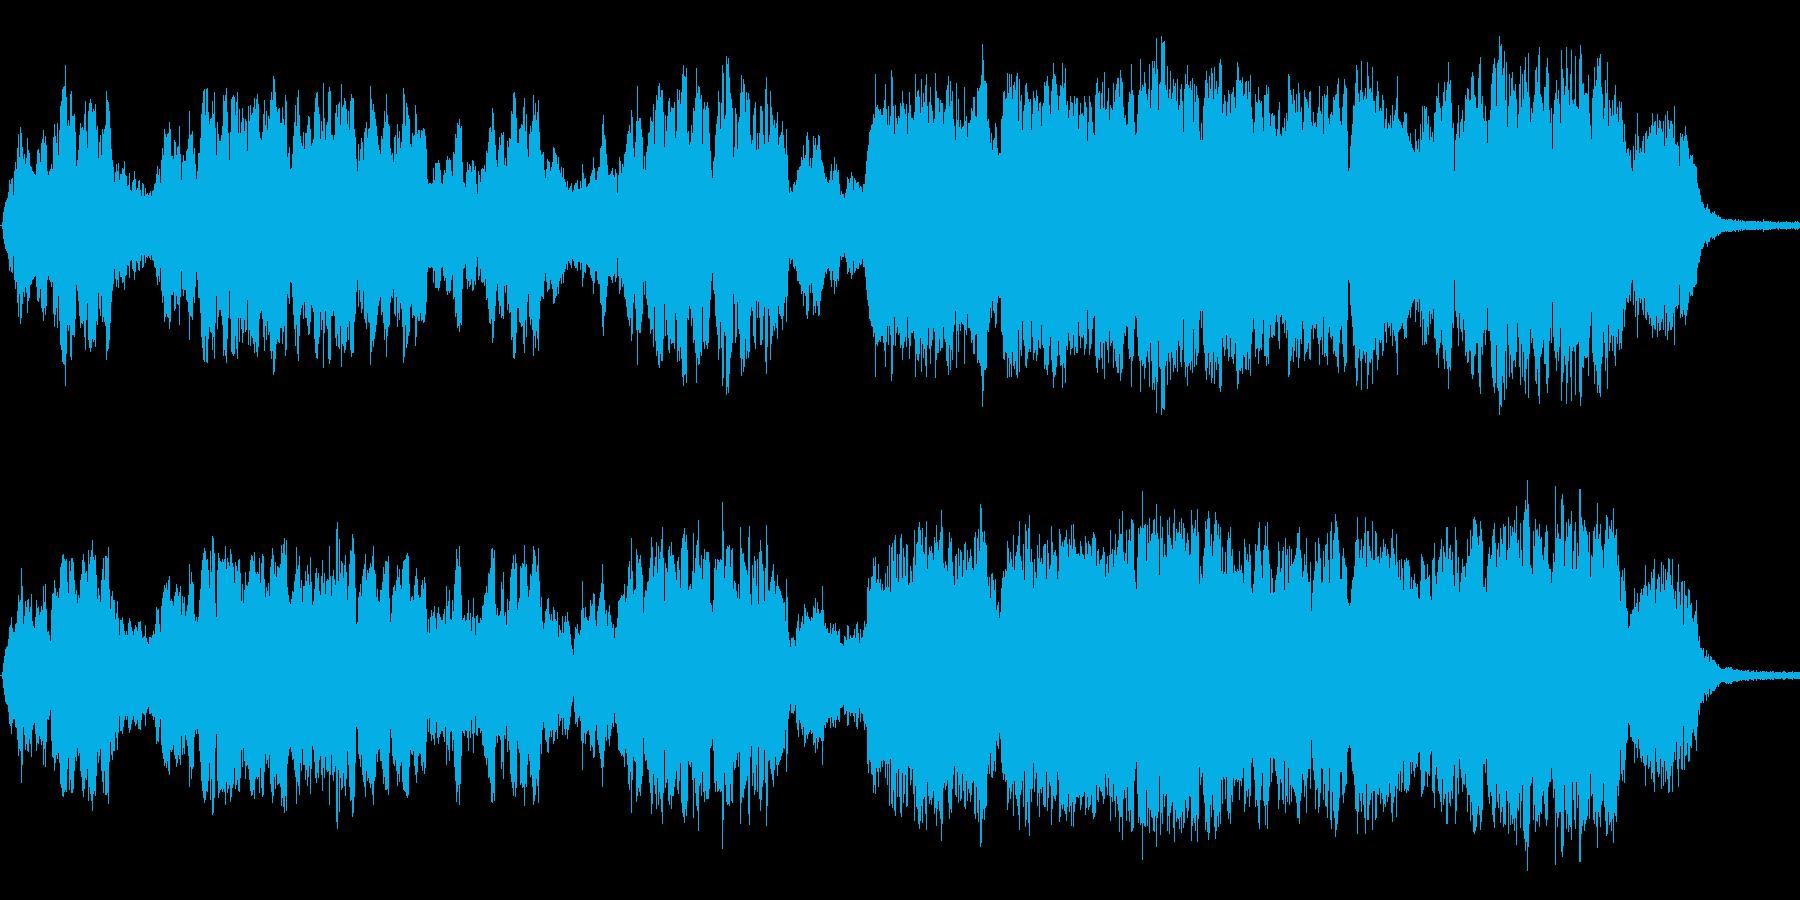 幻想的なボーカルとピアノ曲の再生済みの波形